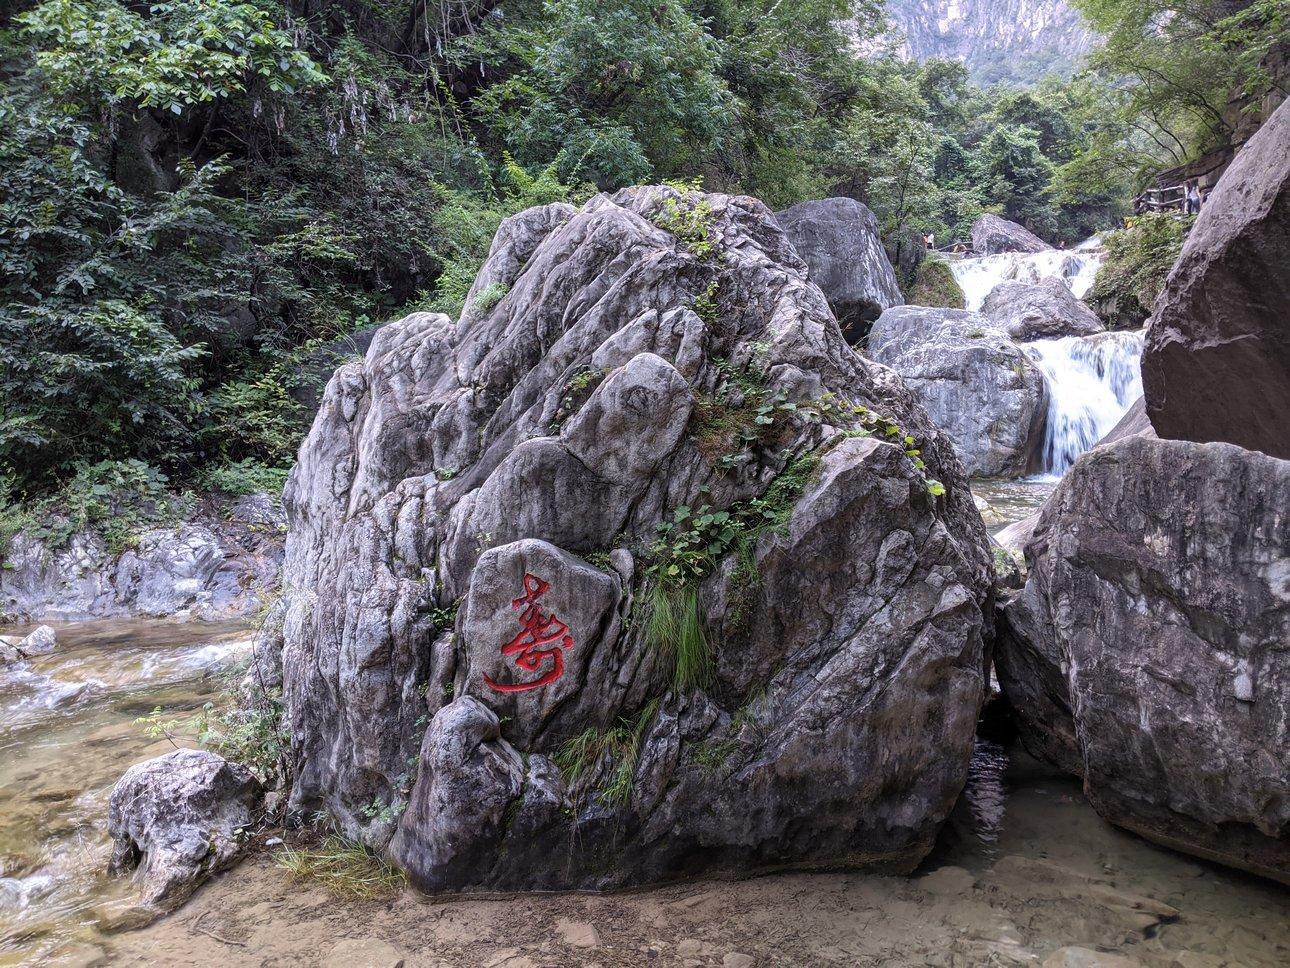 潭瀑峡的大石头